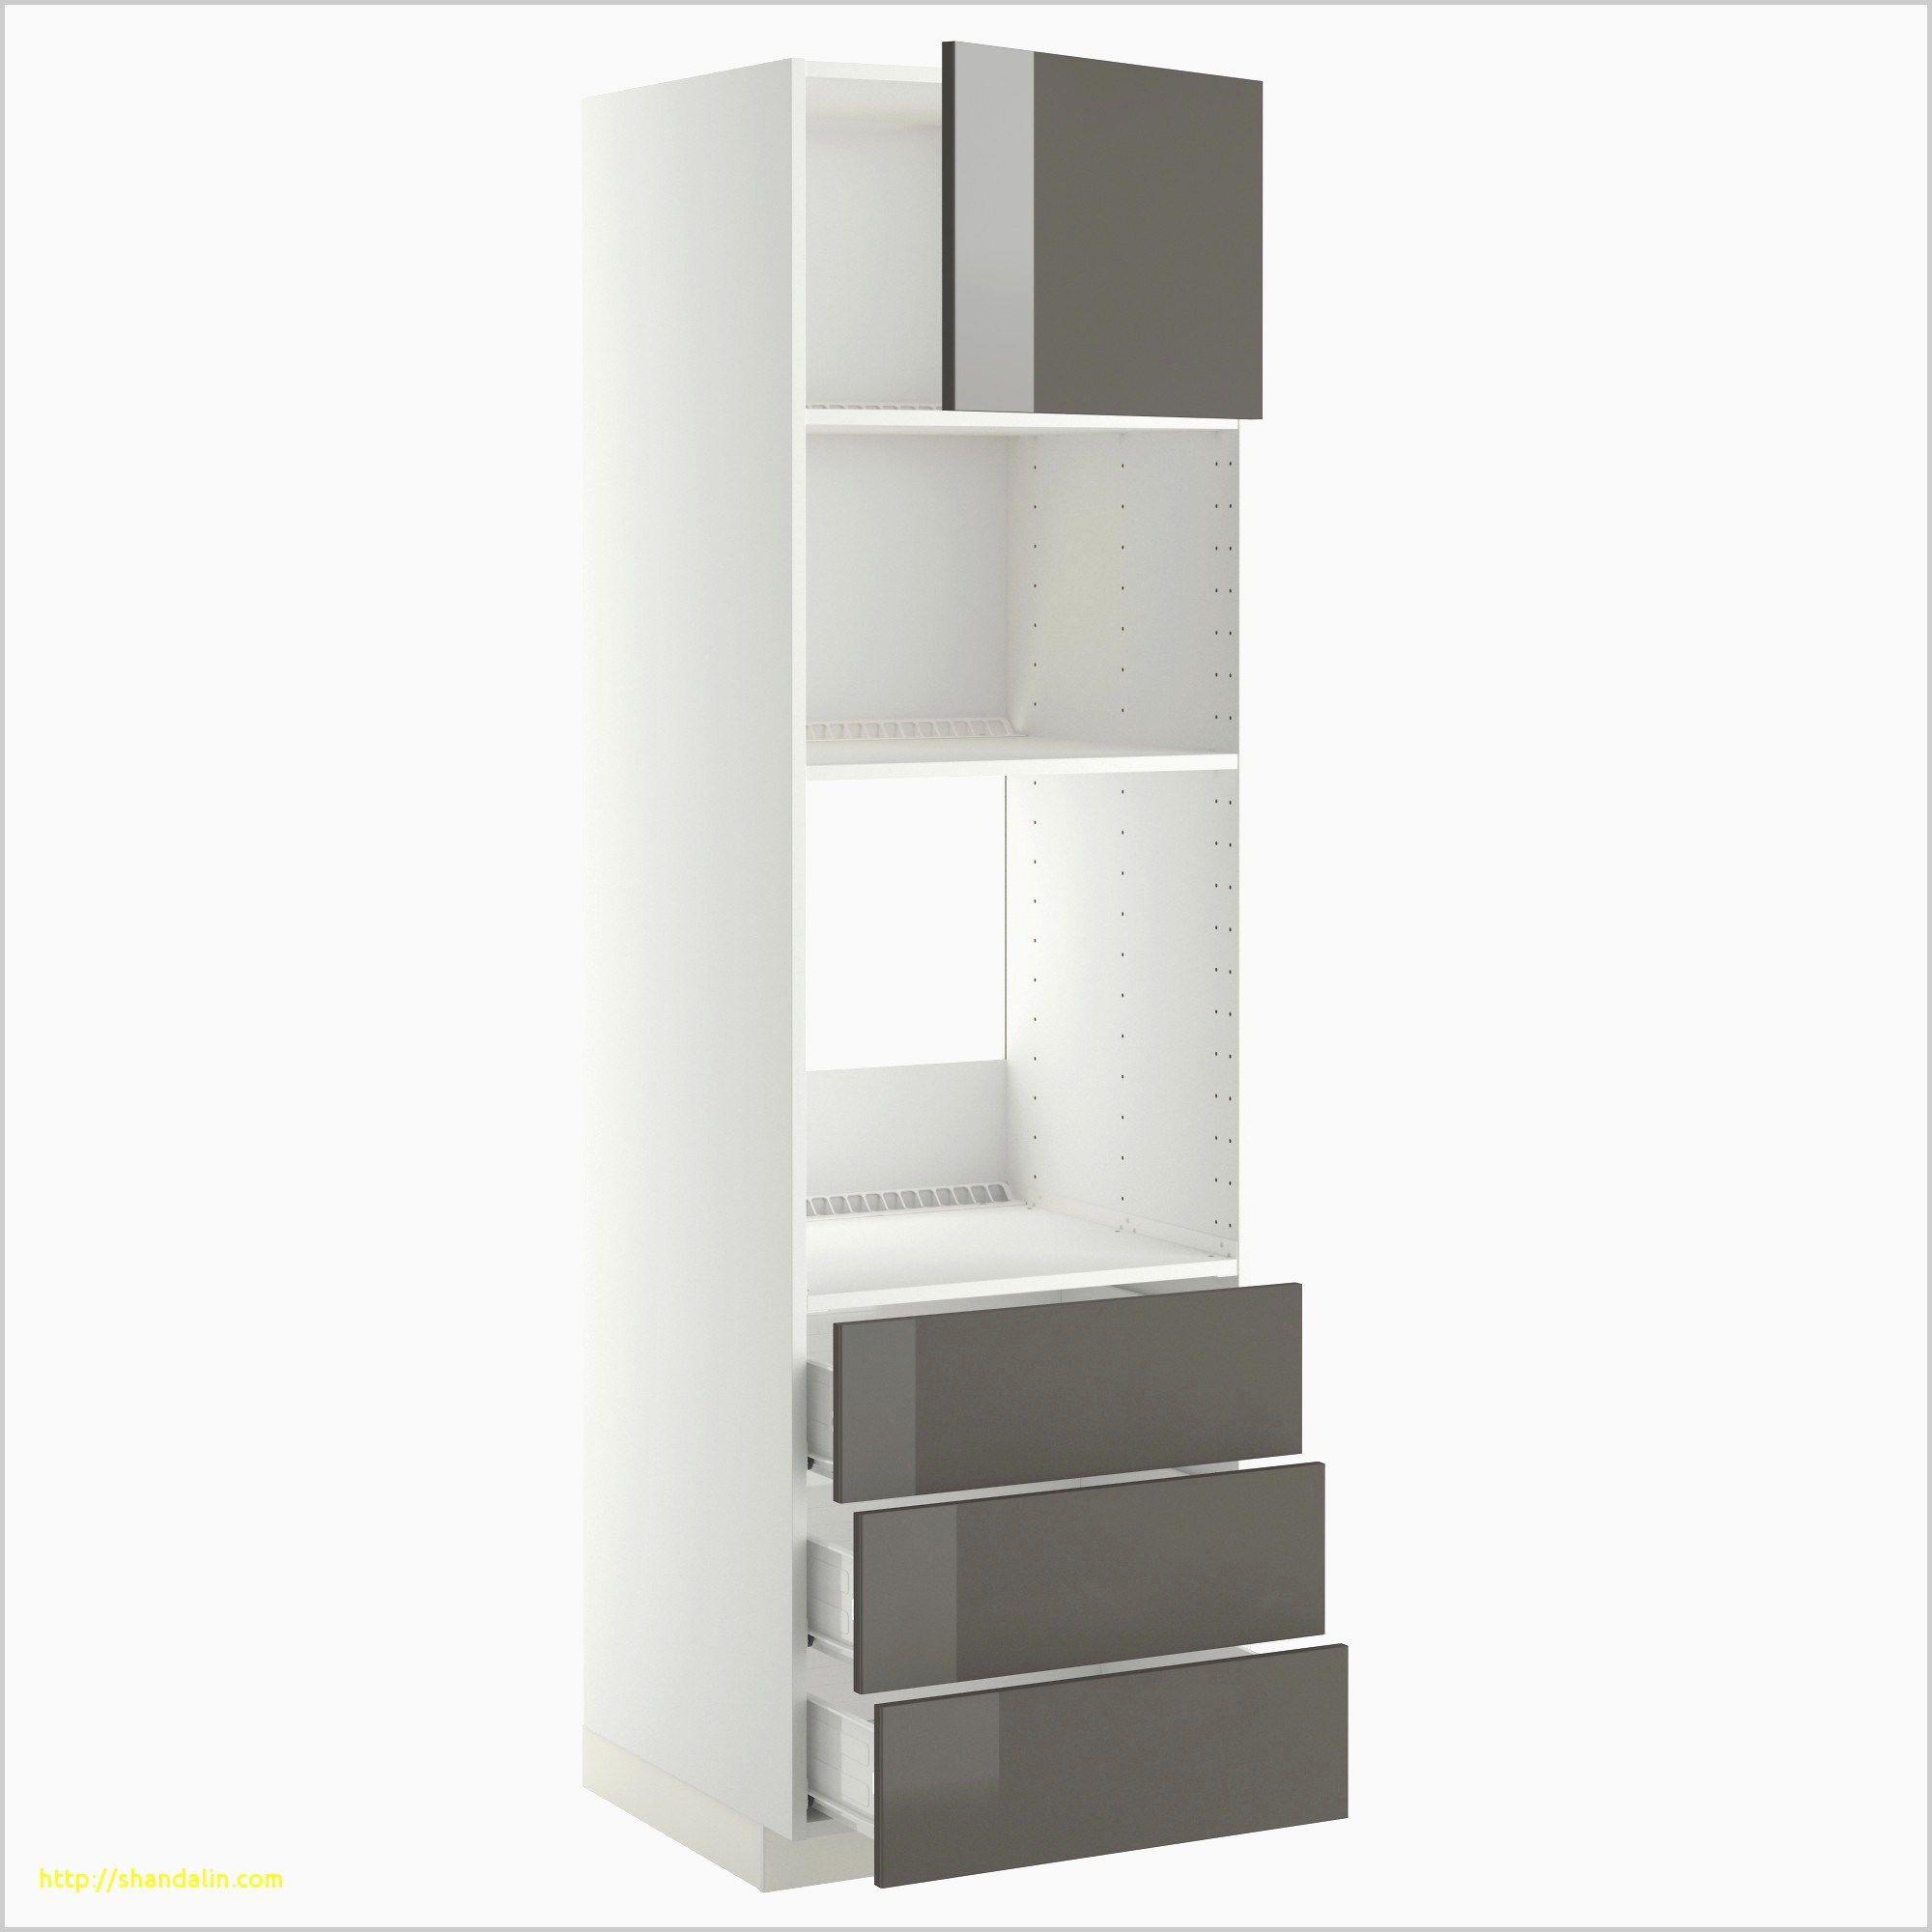 Hauteur Plan De Travail Ikea Trick Meuble Cuisine Meuble Haut Cuisine Meuble Haut Cuisine Ikea